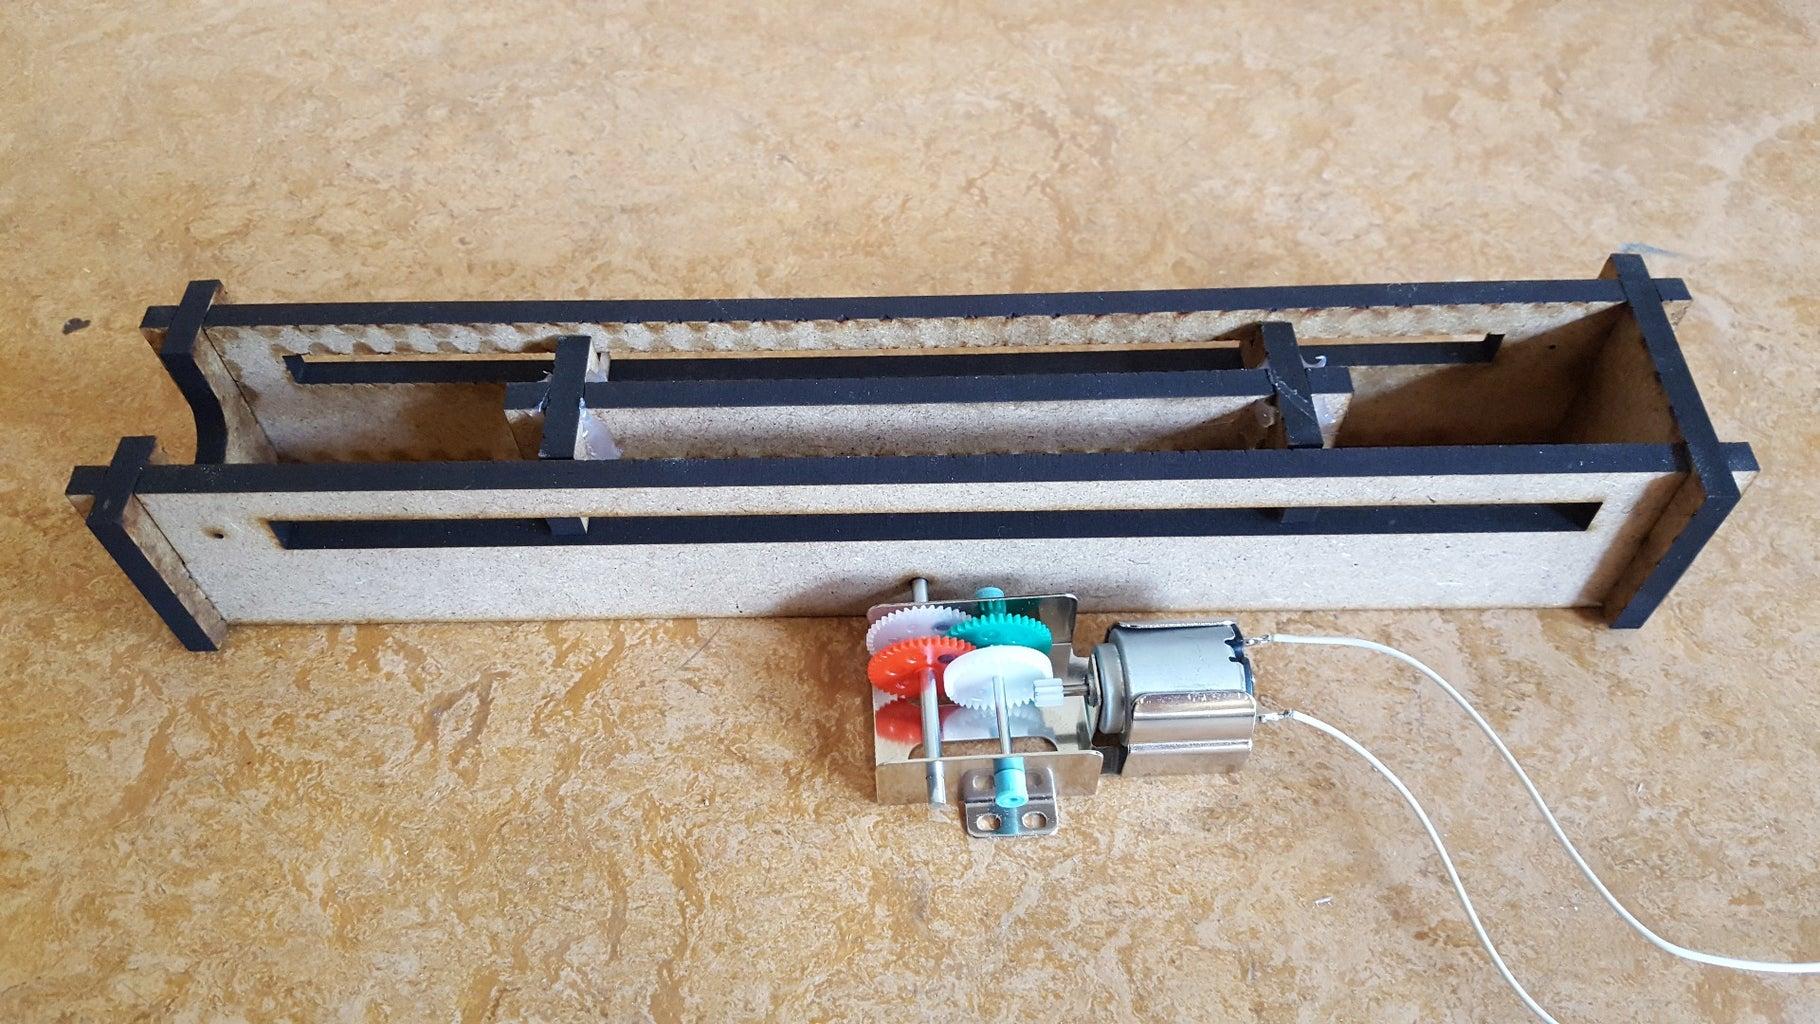 Step 4: Pump Box